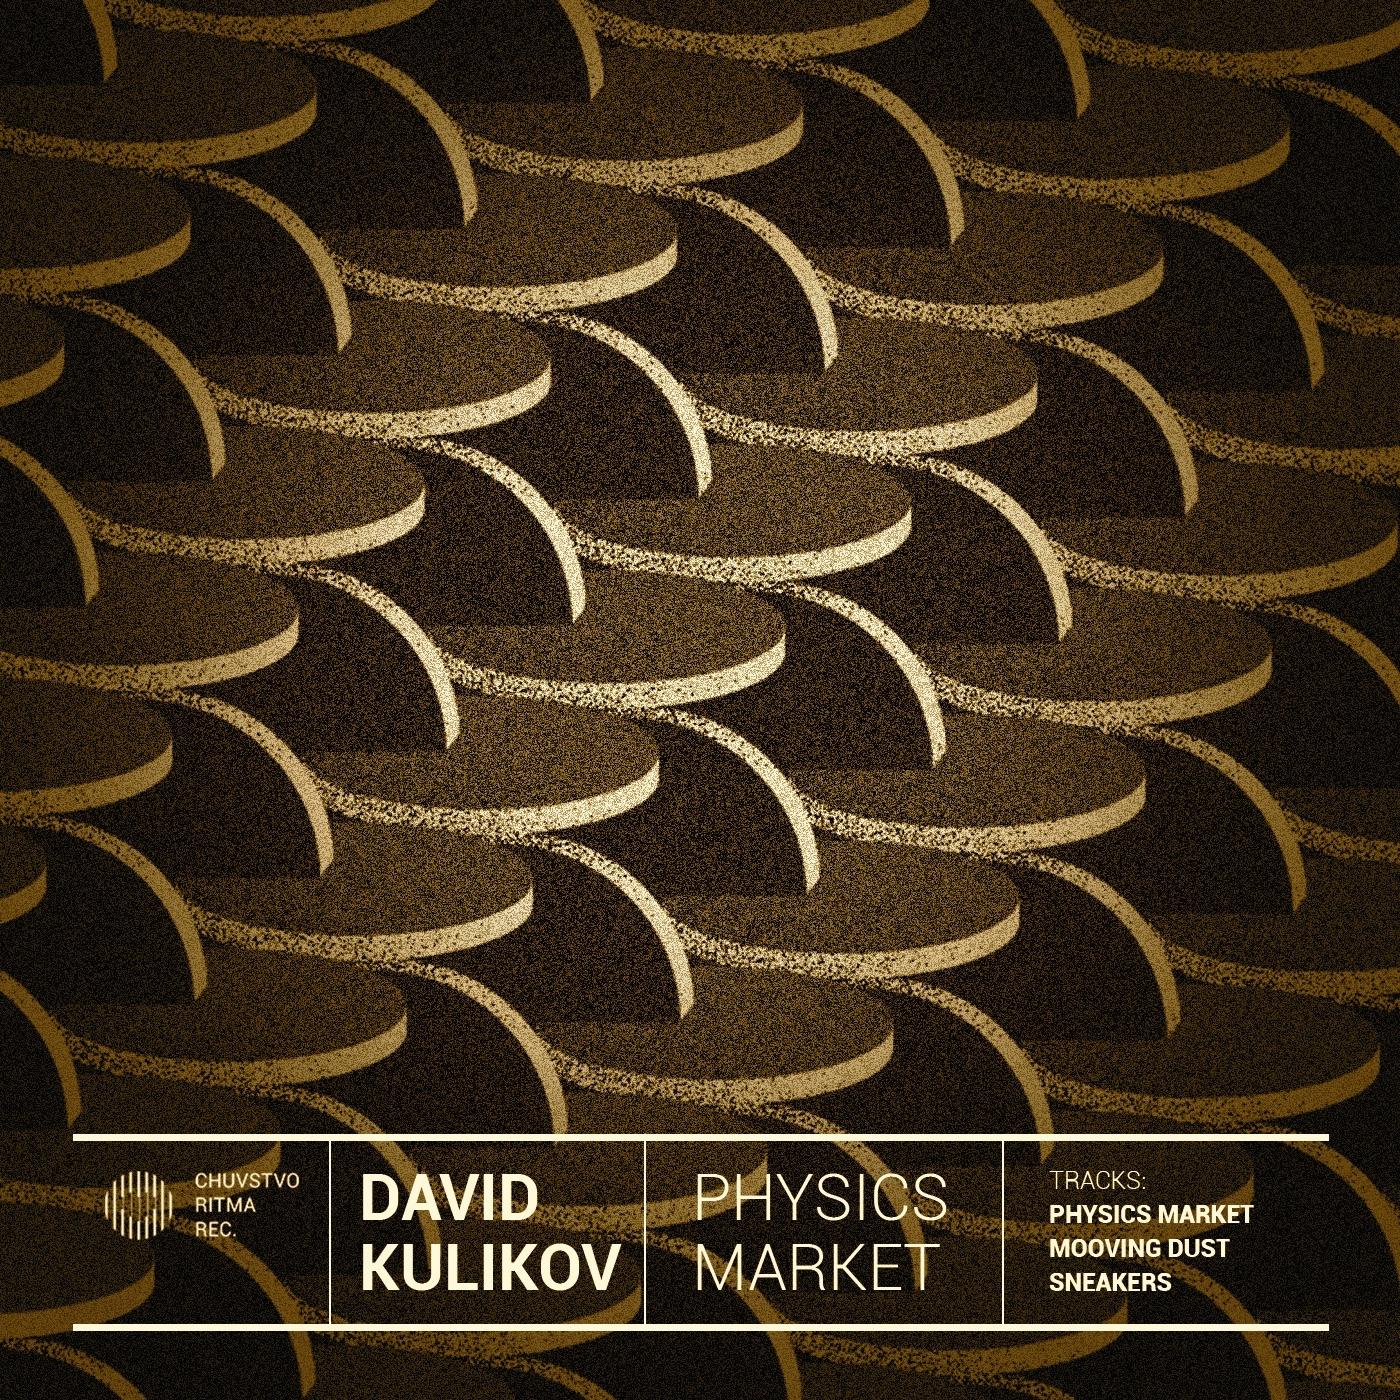 David Kulikov - Sneakers  (Original Mix)